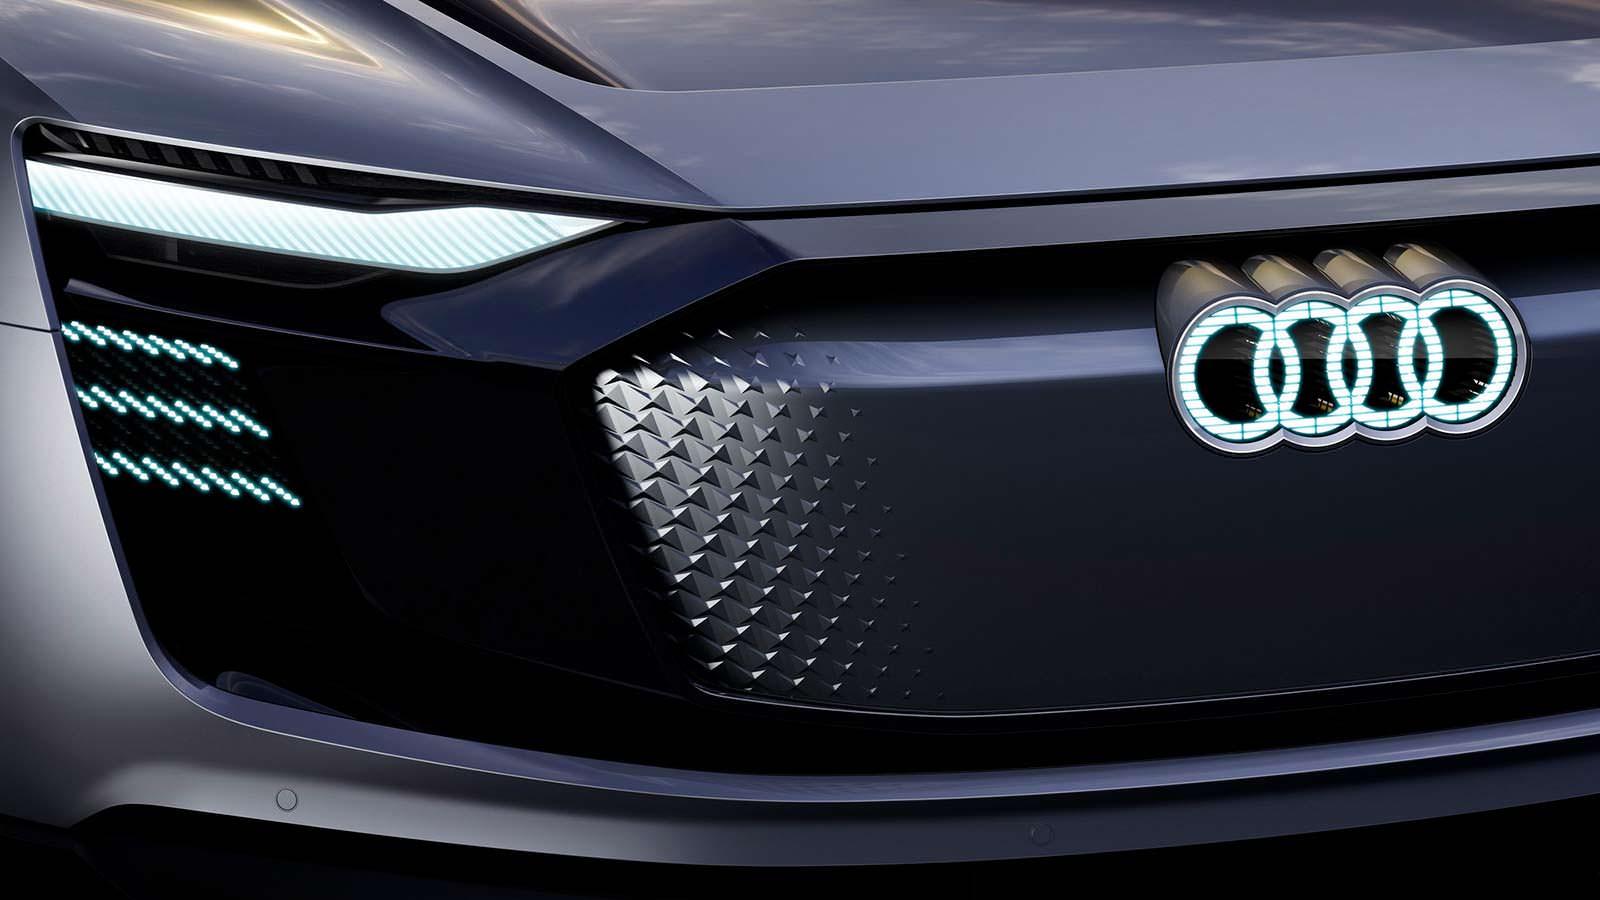 Светящийся логотип Audi на радиаторной решетке